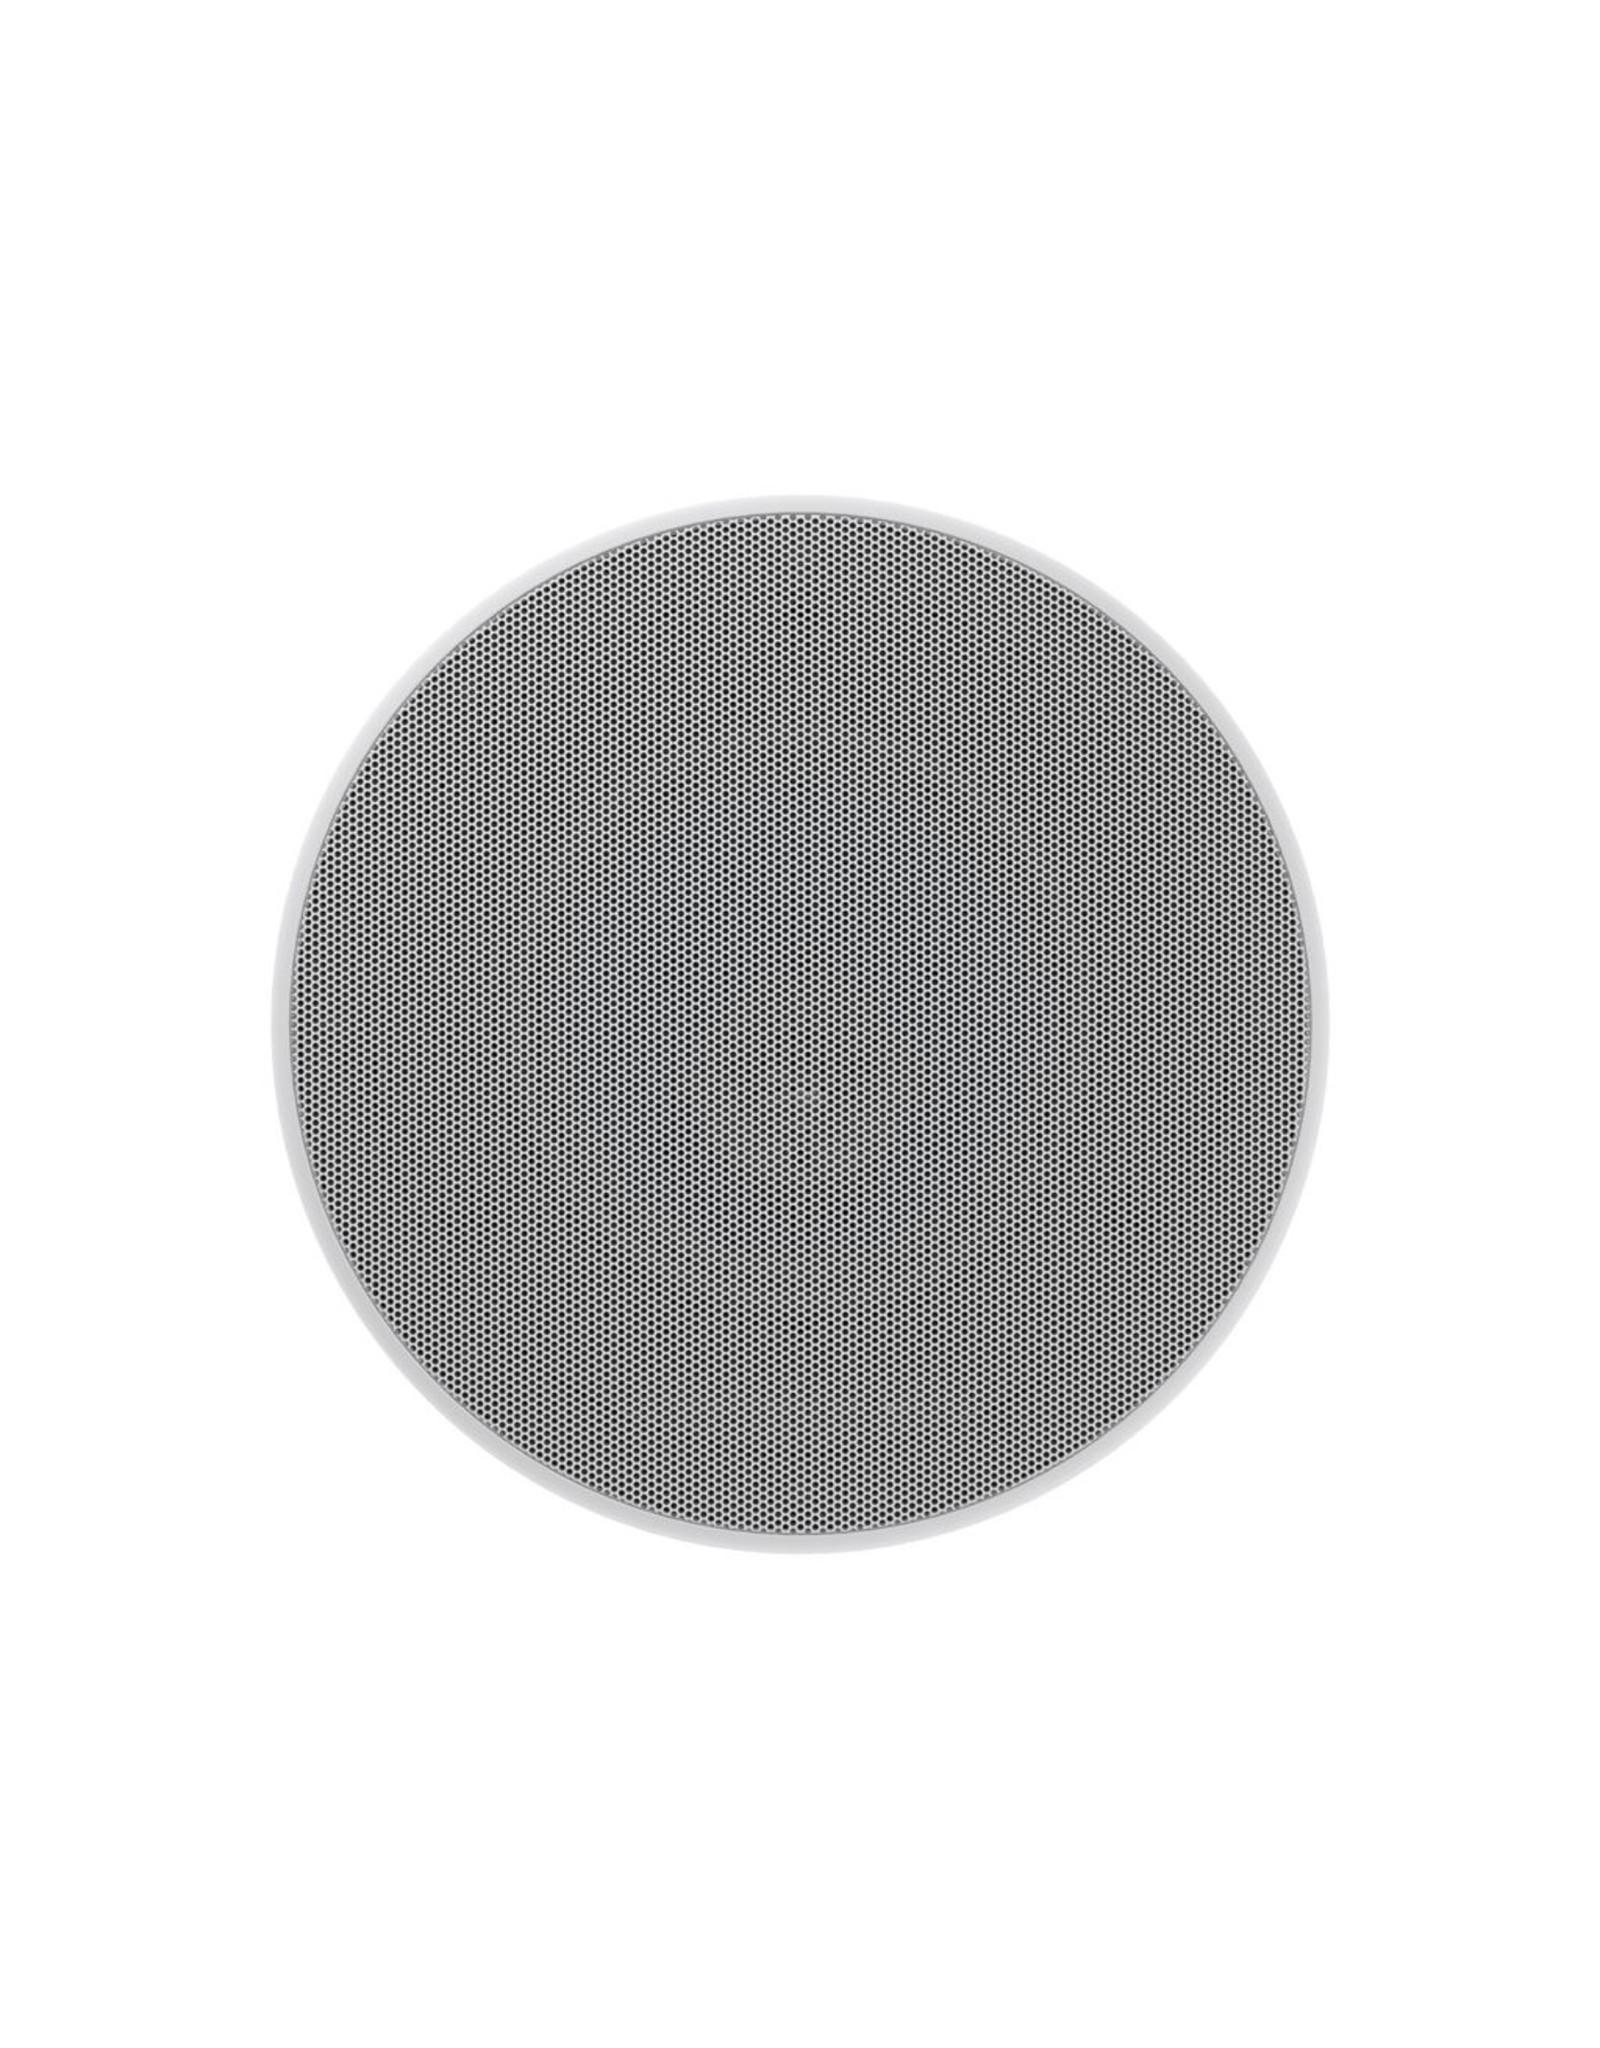 BOWERS & WILKINS B&W CCM664SR  In Ceiling Surr/SST Speaker (single) WHITE